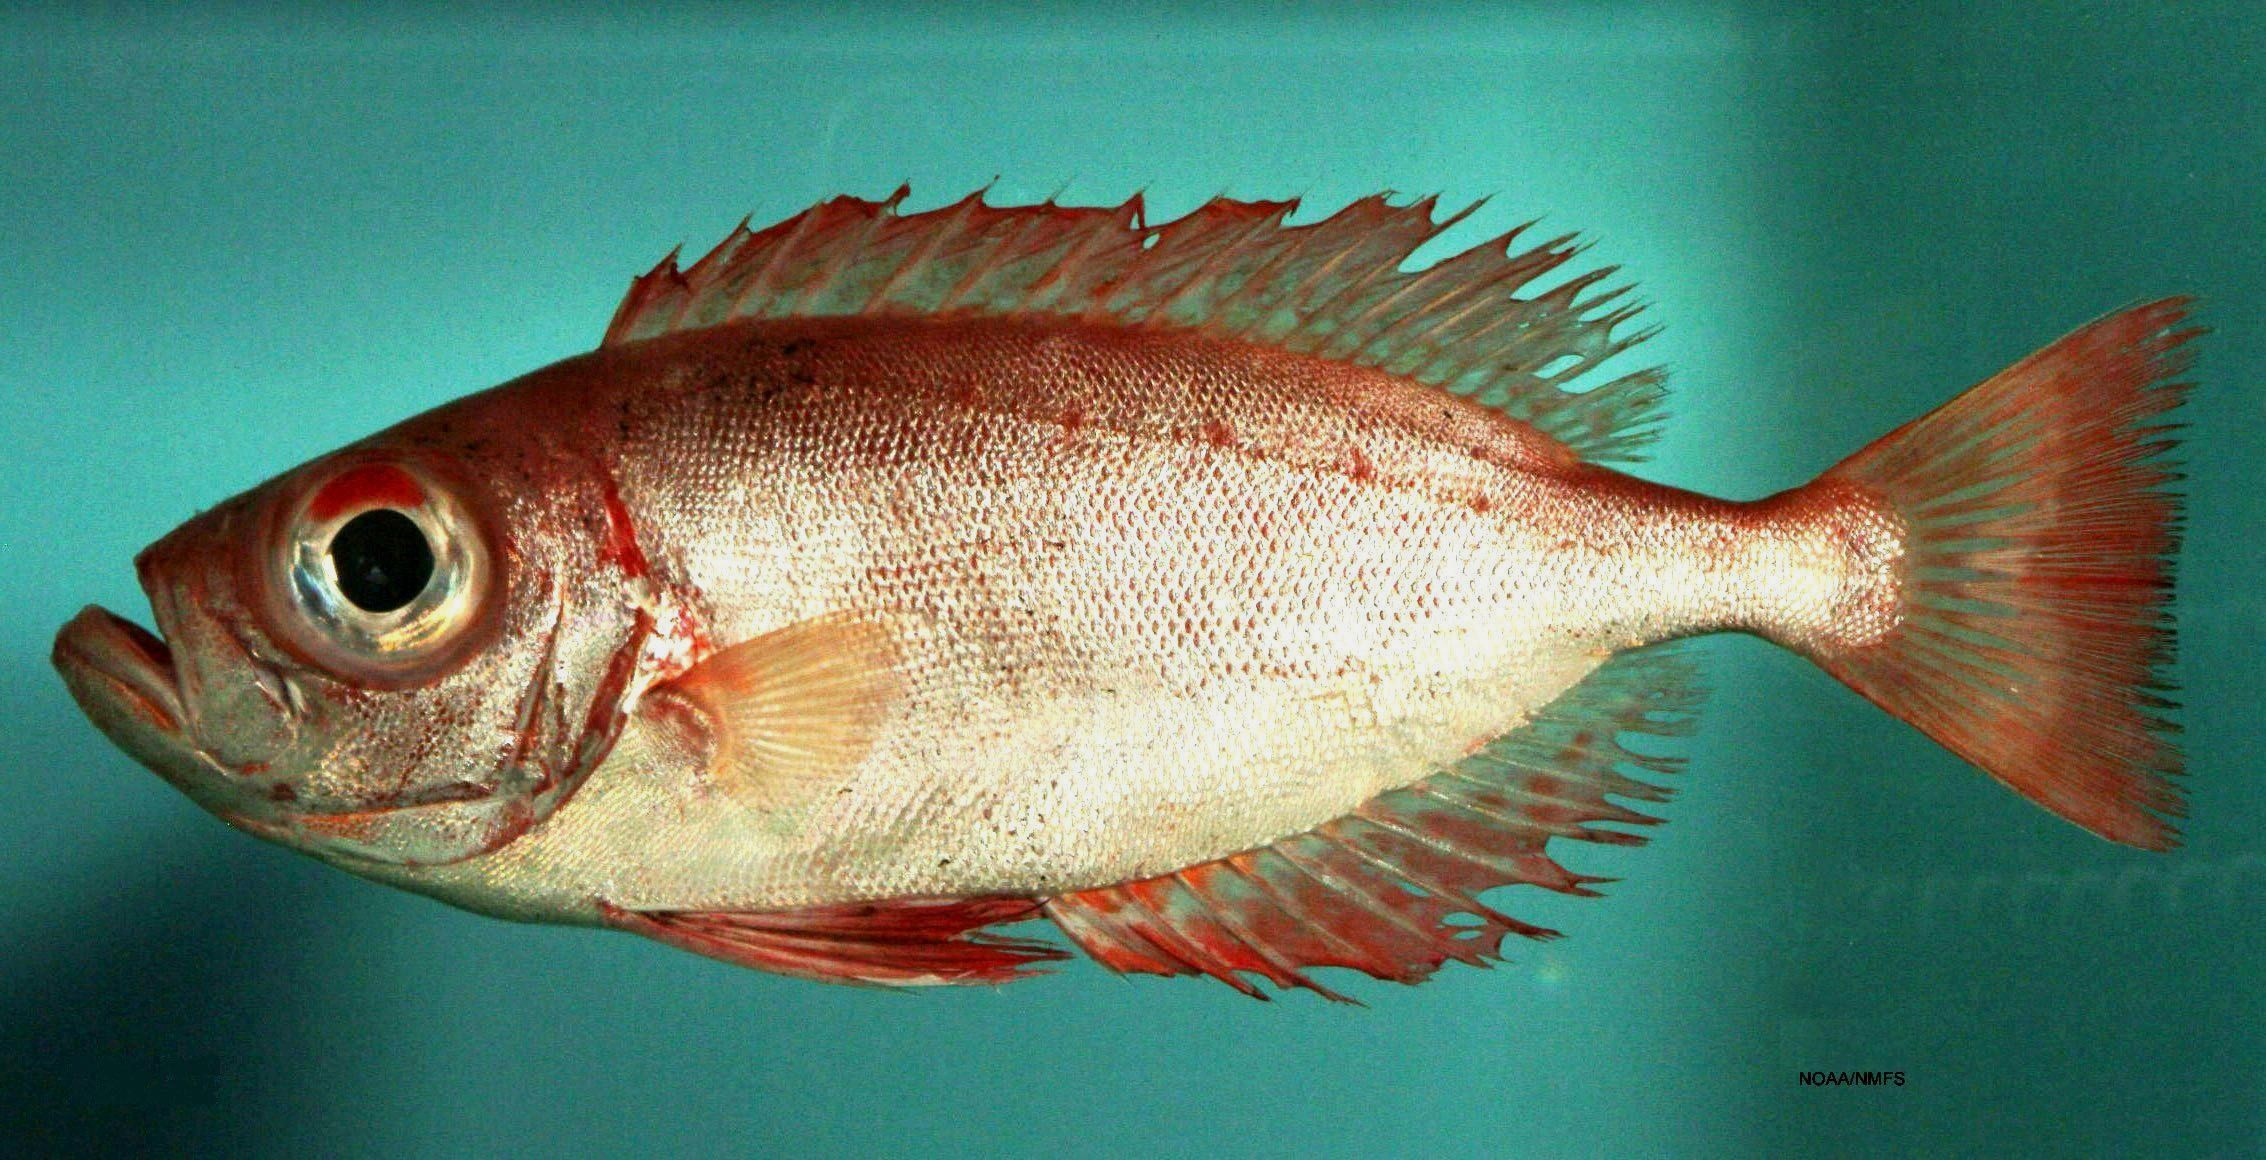 Alguns peixes conseguem regenerar seus olhos